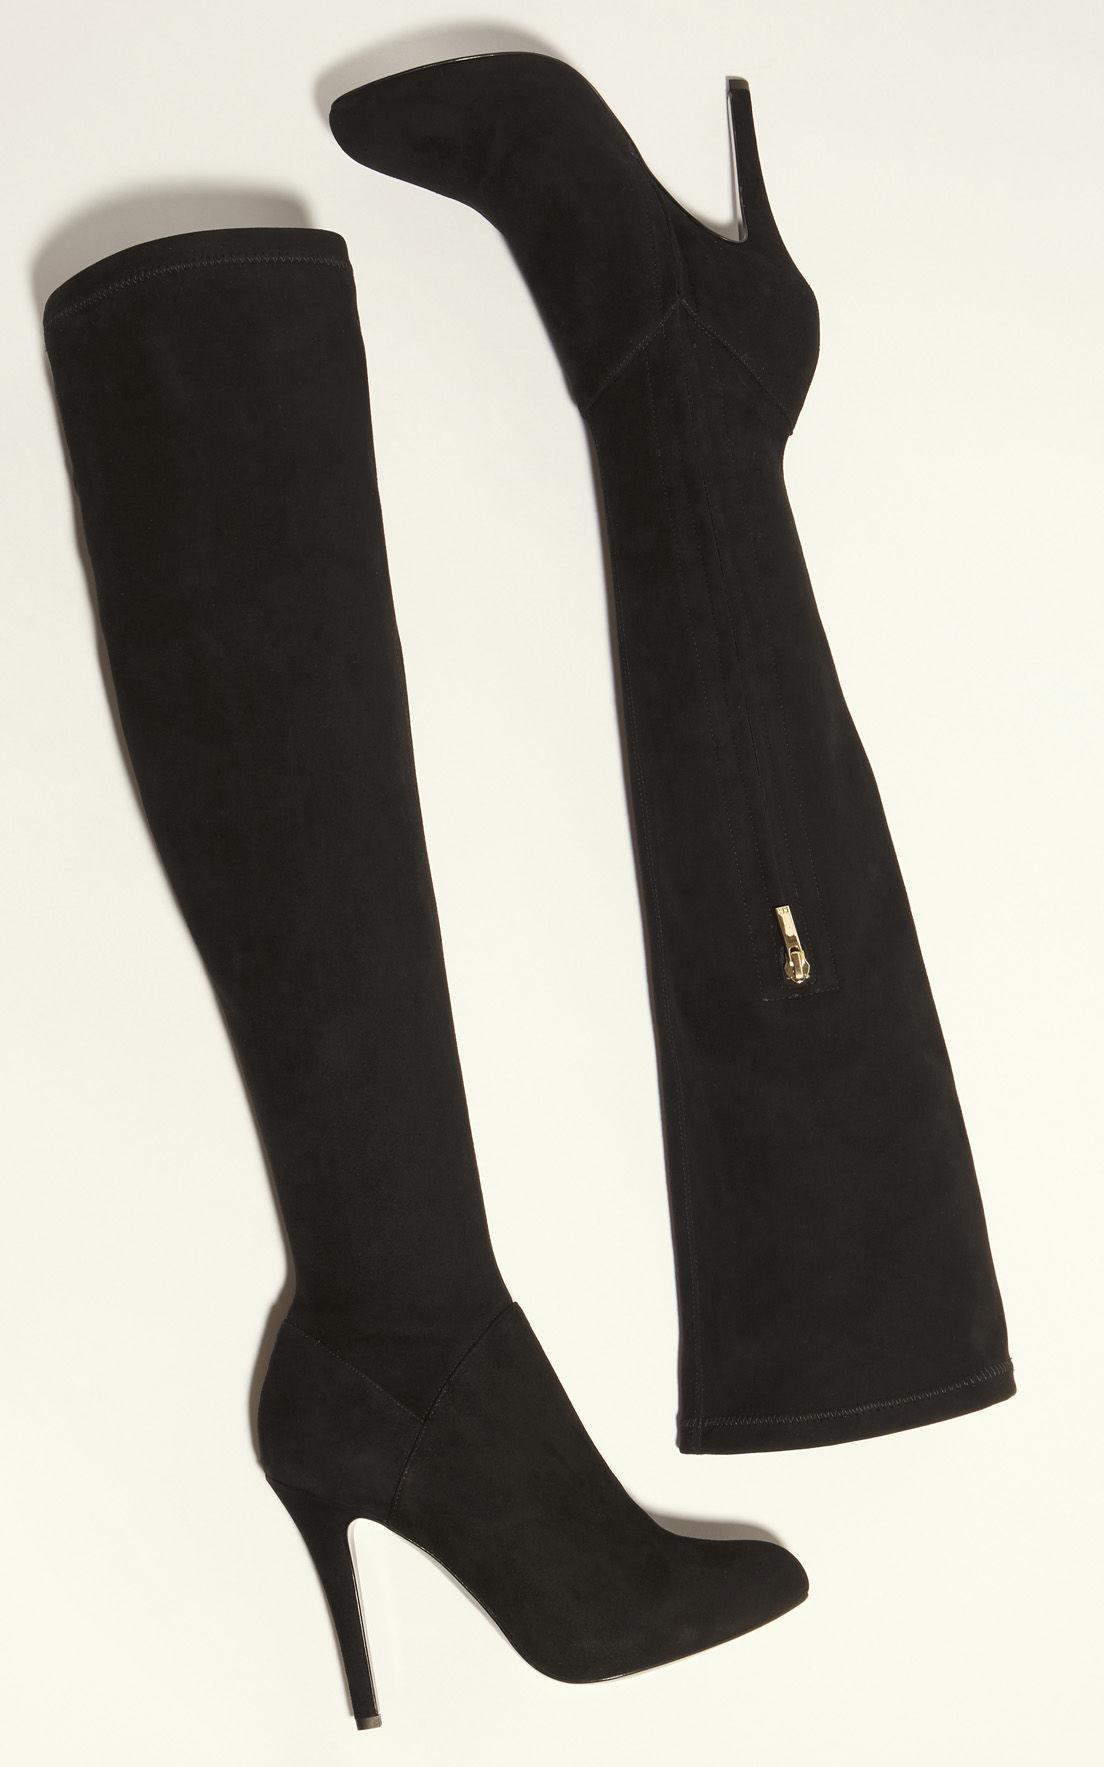 Karen Millen Suede Over-the-knee Boot - Black